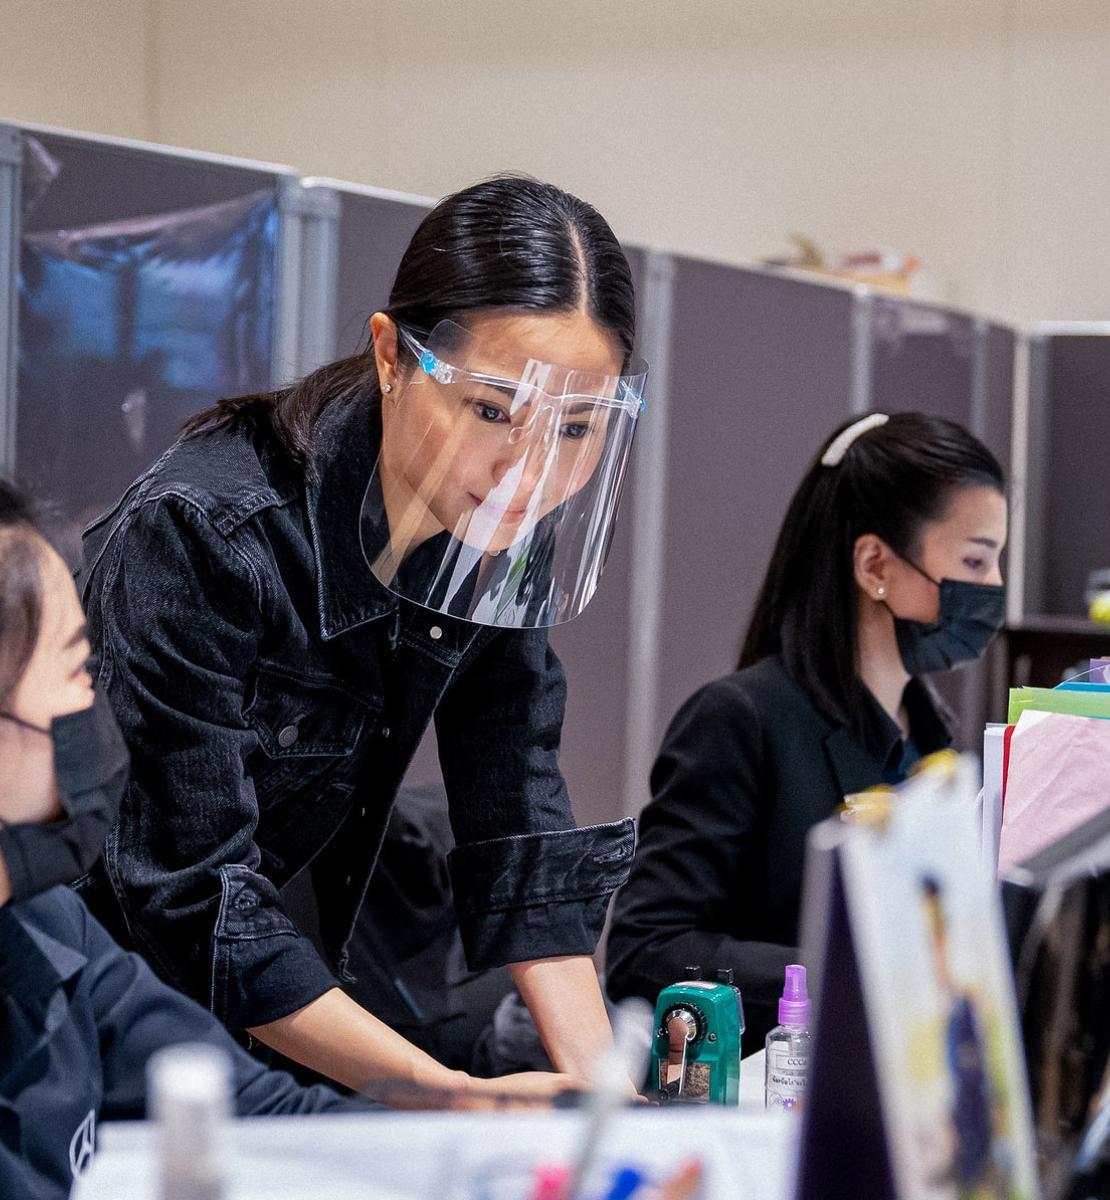 تعمل النساء اللائي يرتدين أقنعة واقية ودروعًا للوجه في أحد المكاتب.